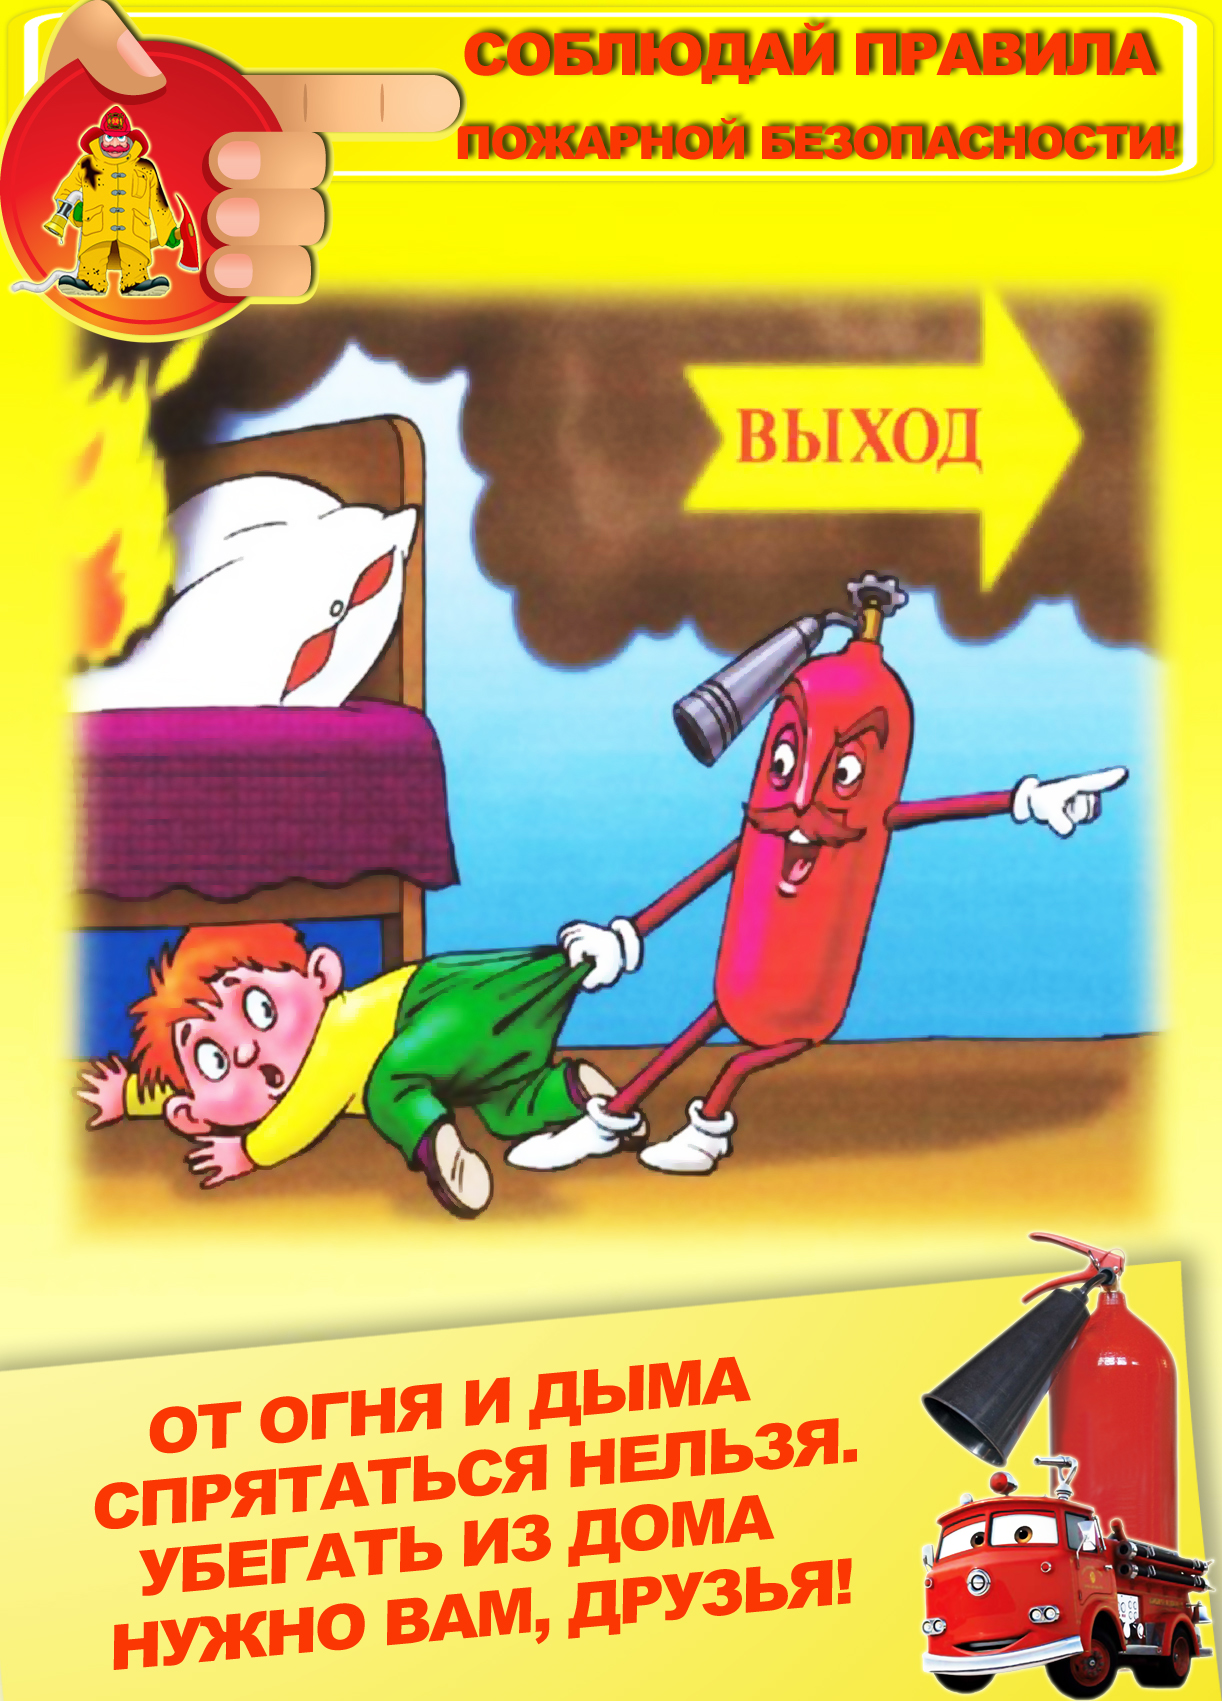 Картинки на тему пожарной безопасности в школе